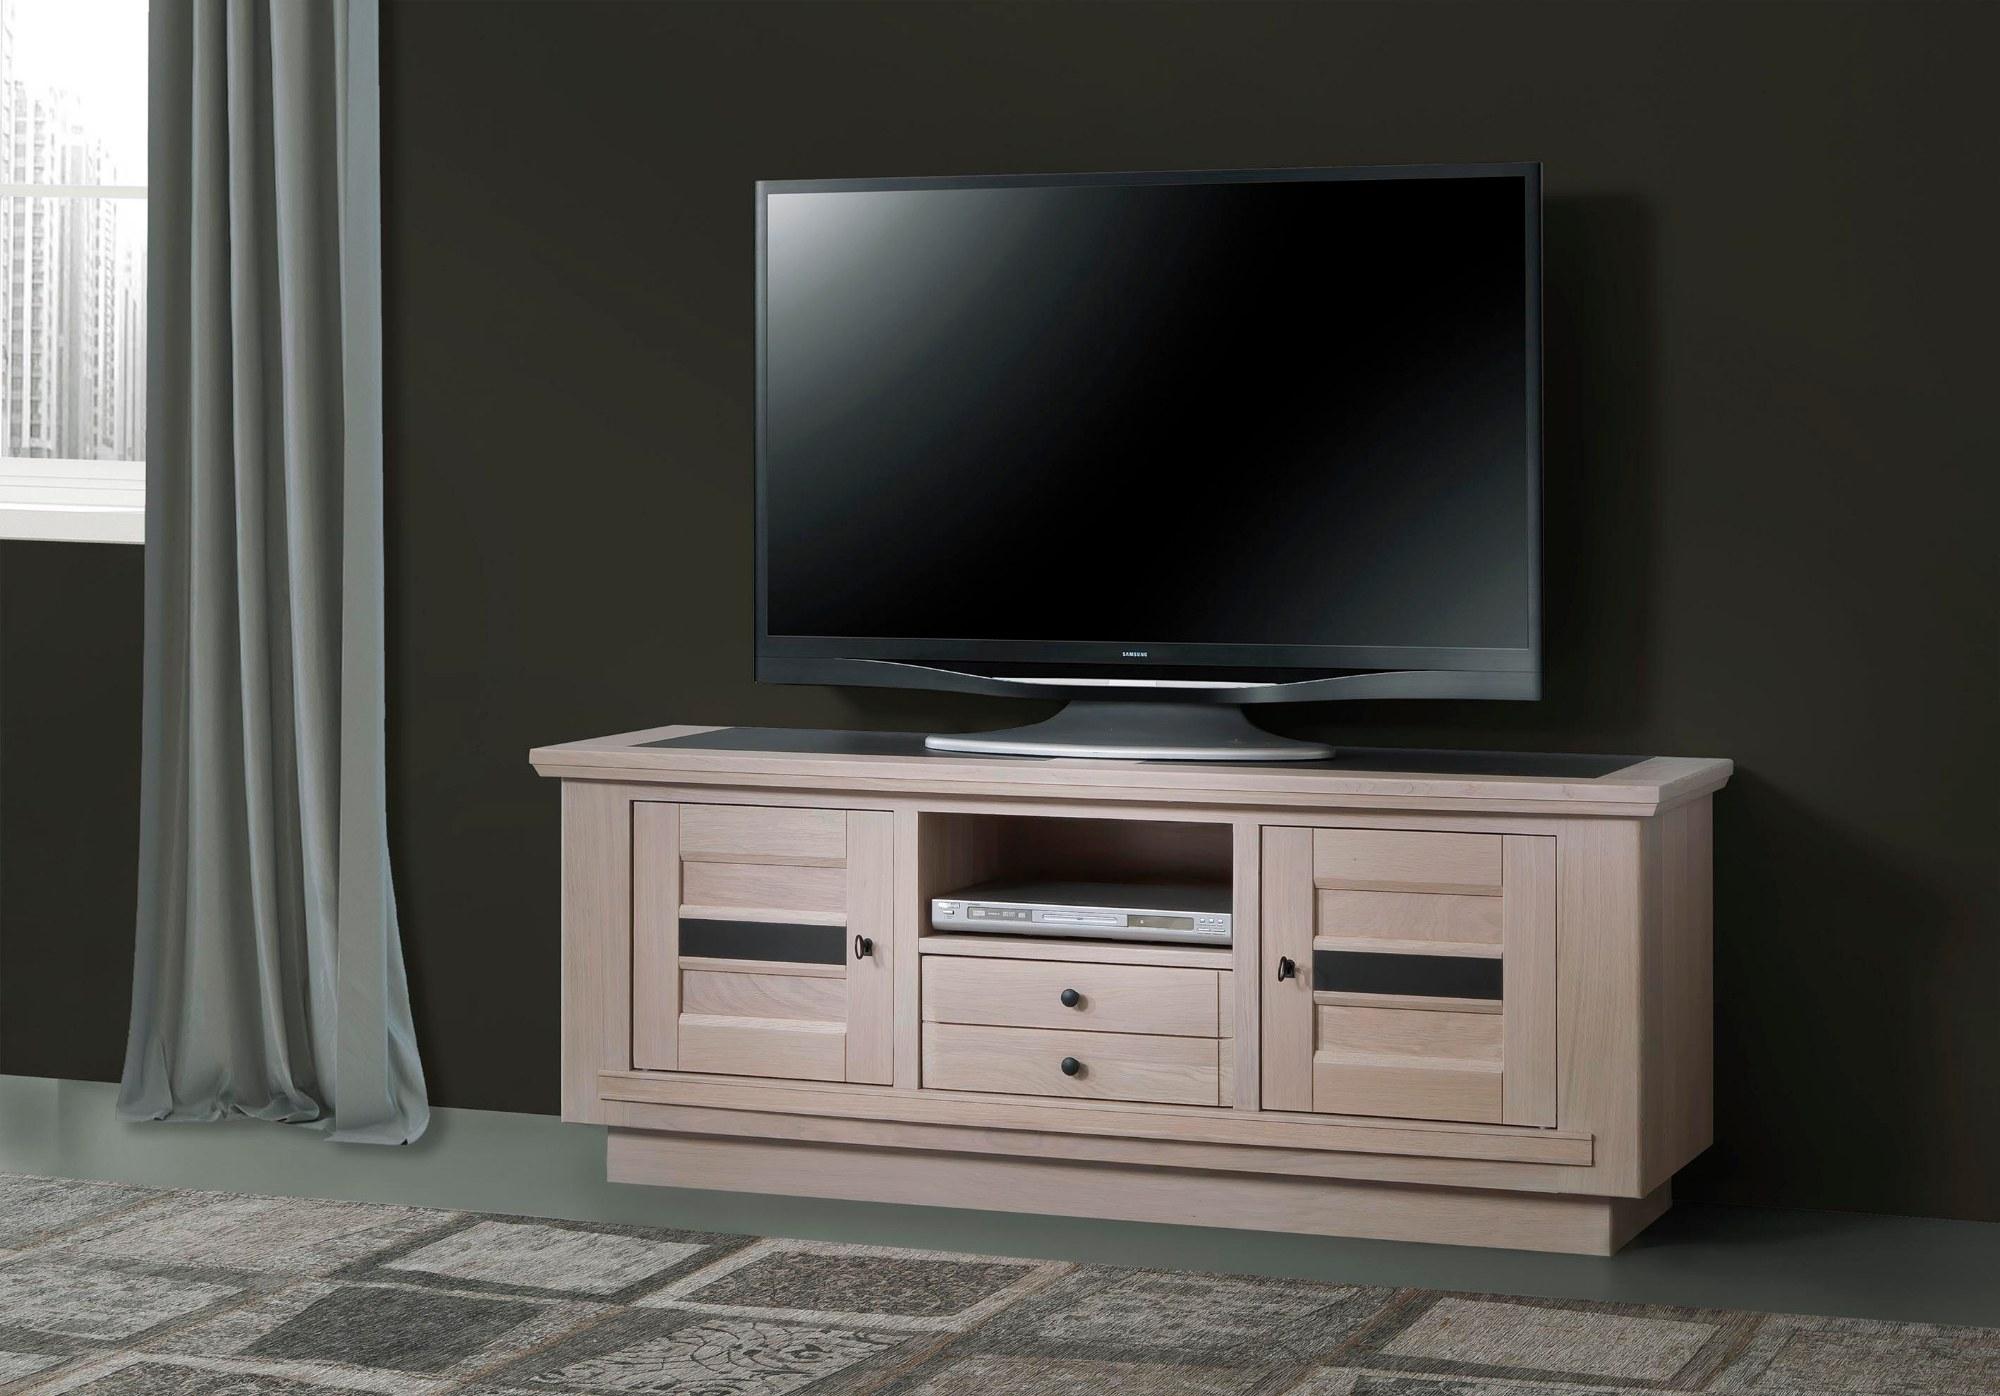 Meuble TV Belem 1 porte 1 tiroir 1 niche